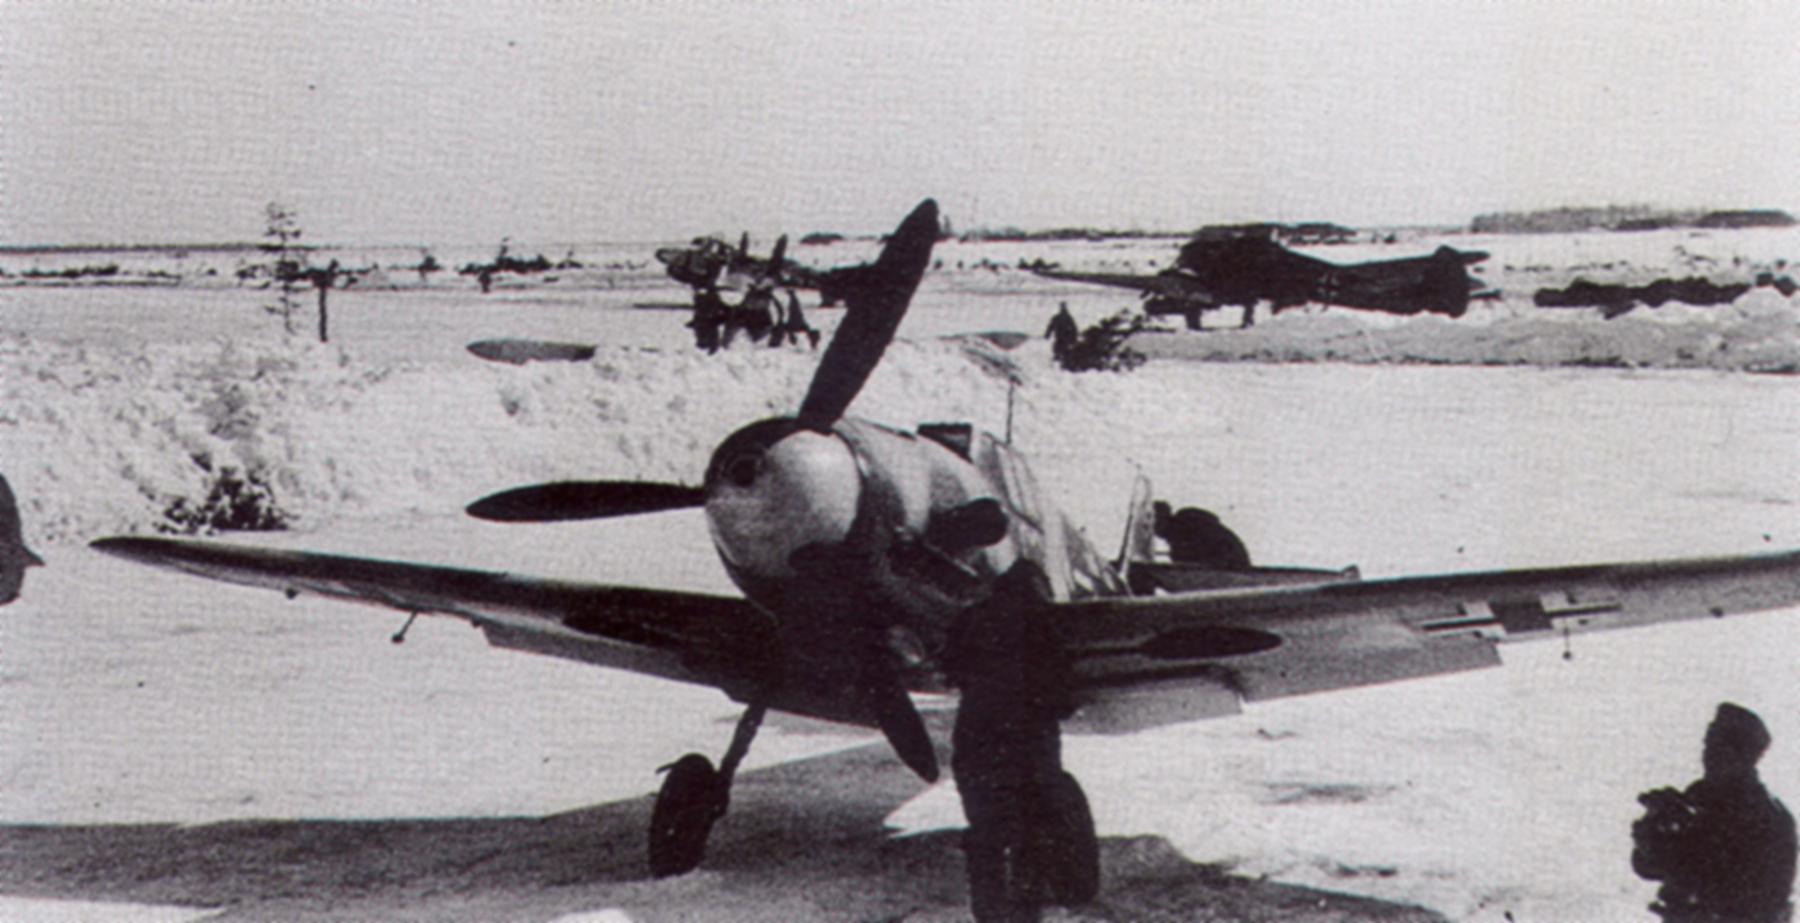 Messerschmitt Bf 109F4 JG54 Siverskaya Russia 1941 42 02